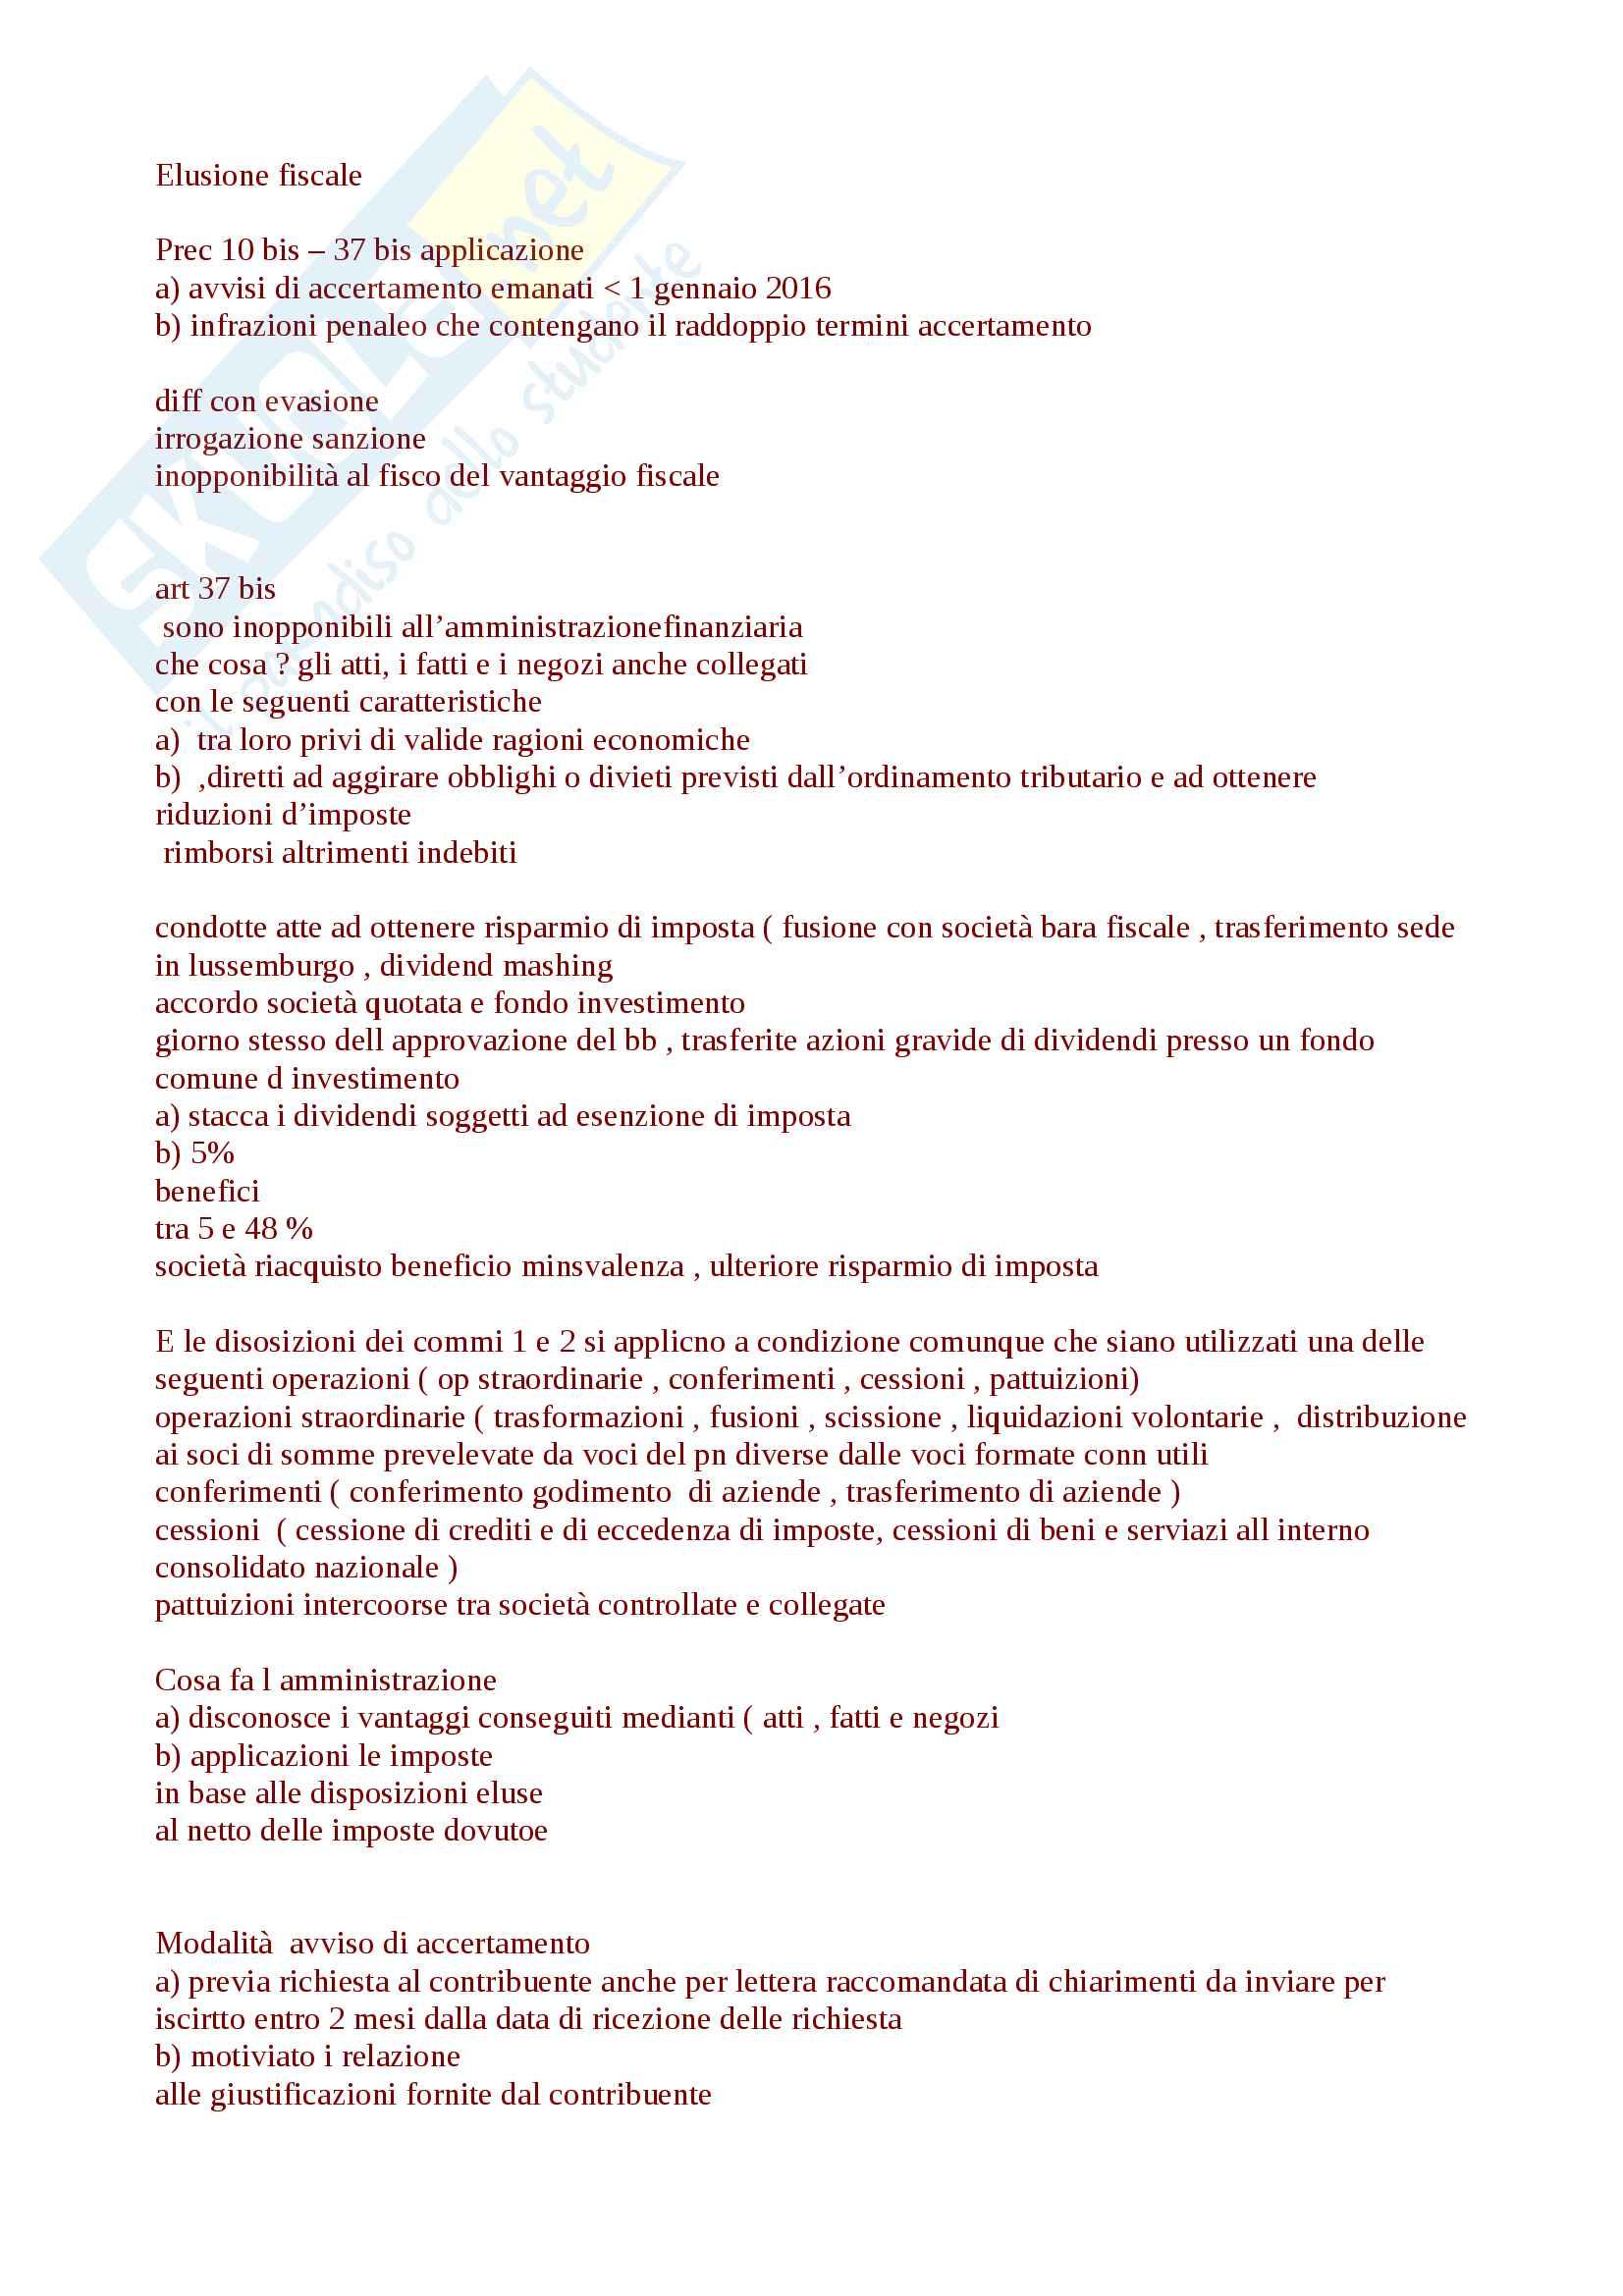 Appunti sintesi utilissima per esame diritto tributario proff.Selicato, Uricchio